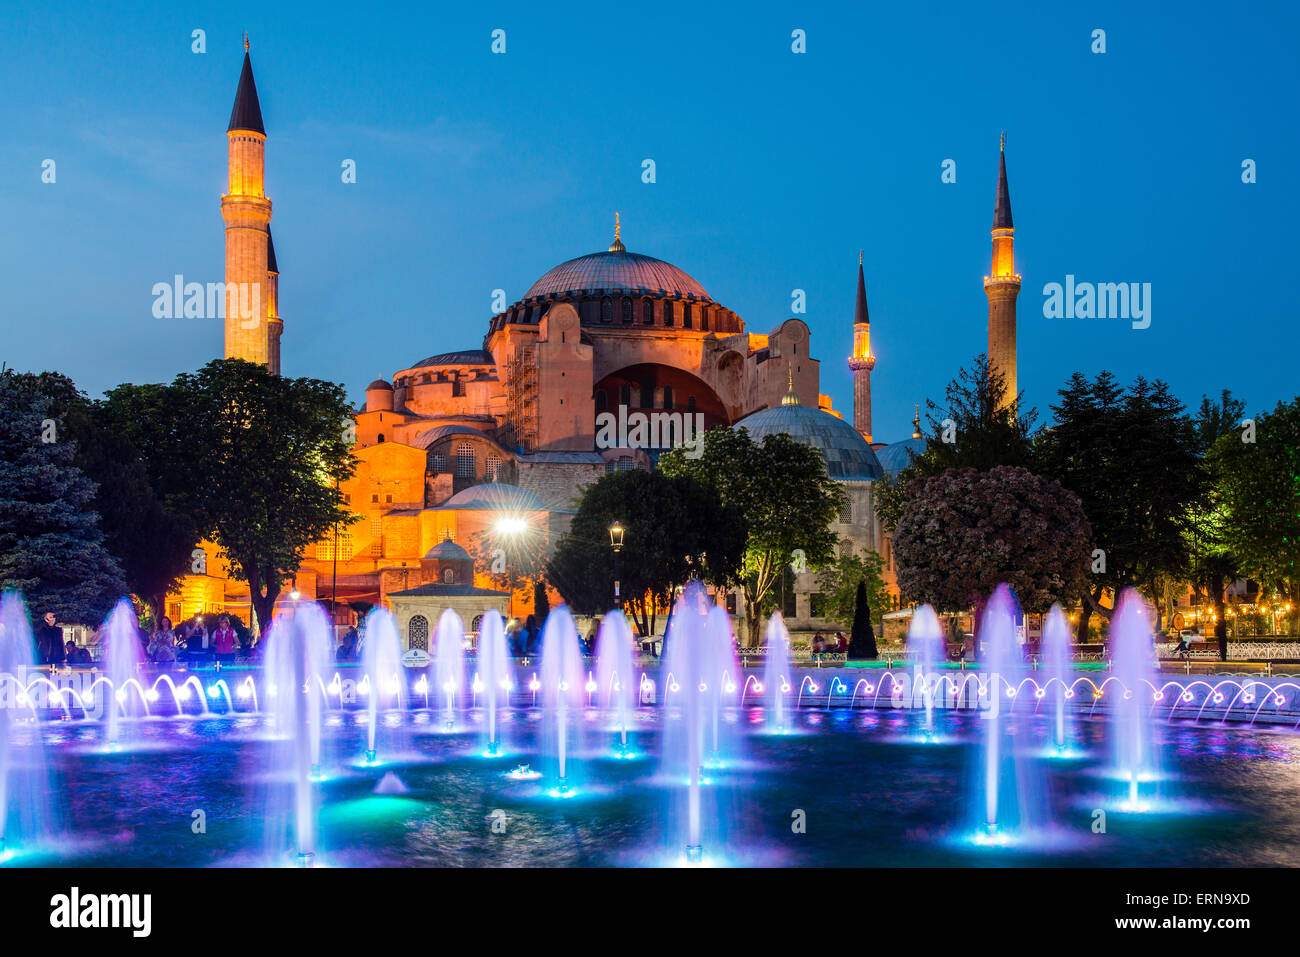 Vista nocturna de la fuente de luz detrás de la Catedral de Santa Sofía Hagia Sophia con espectáculo, Imagen De Stock